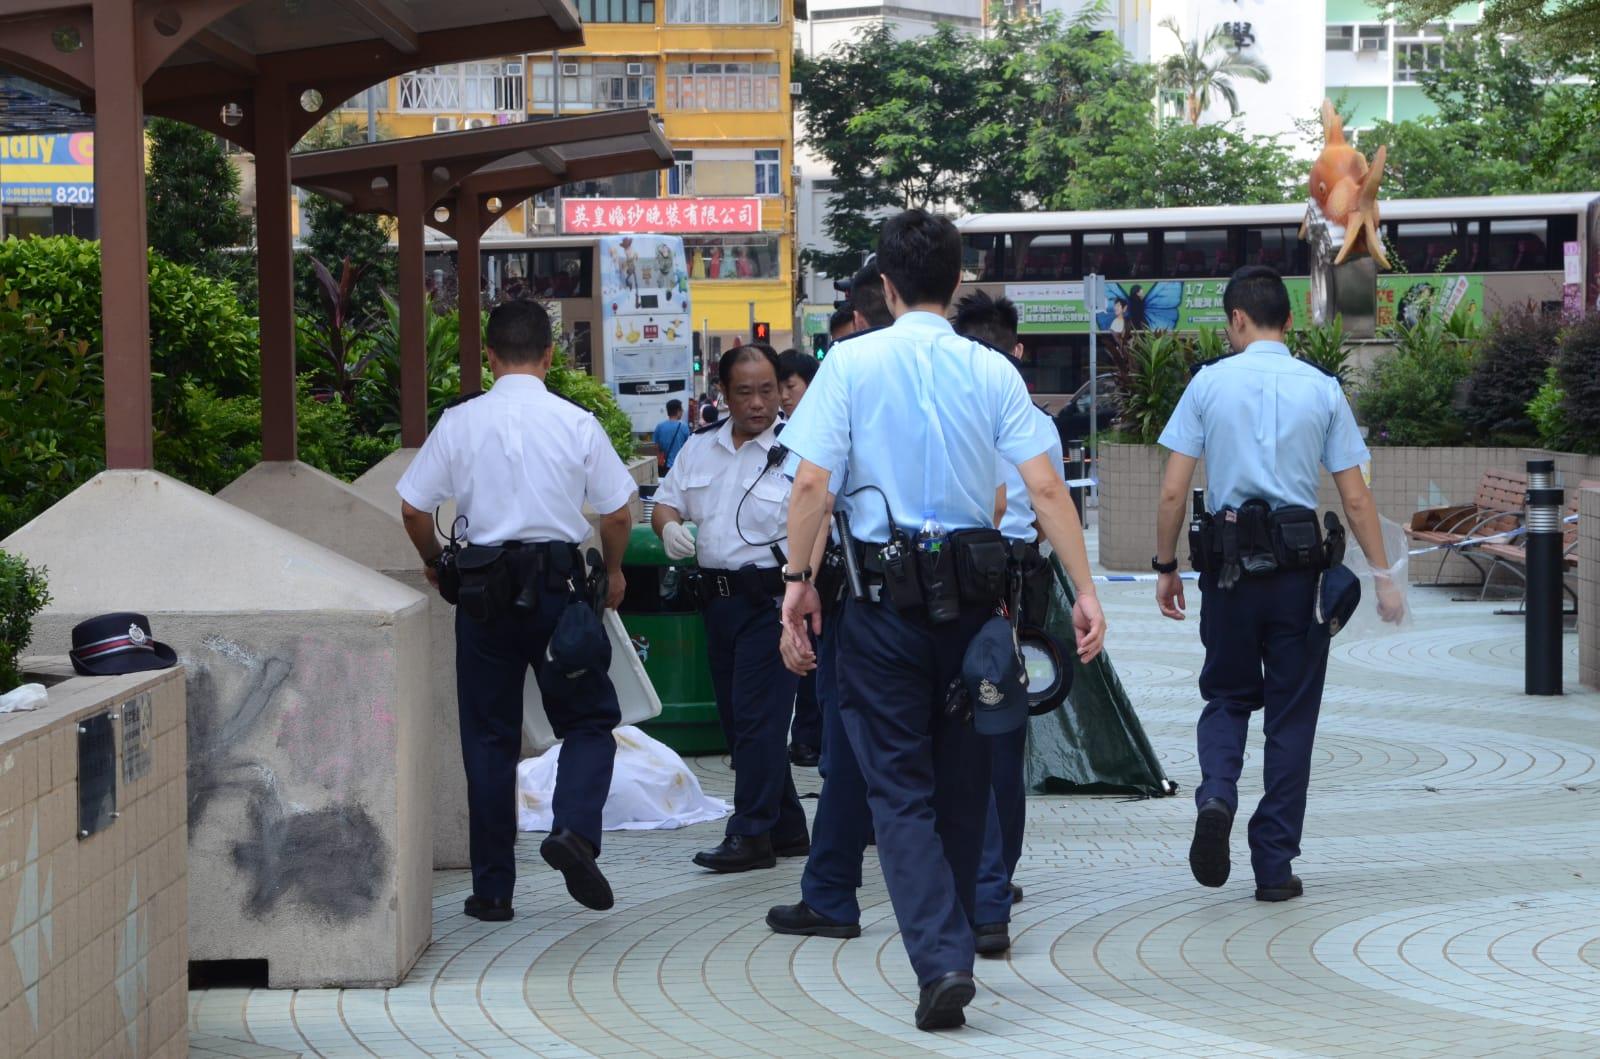 警方在場調查。 歐陽偉光攝